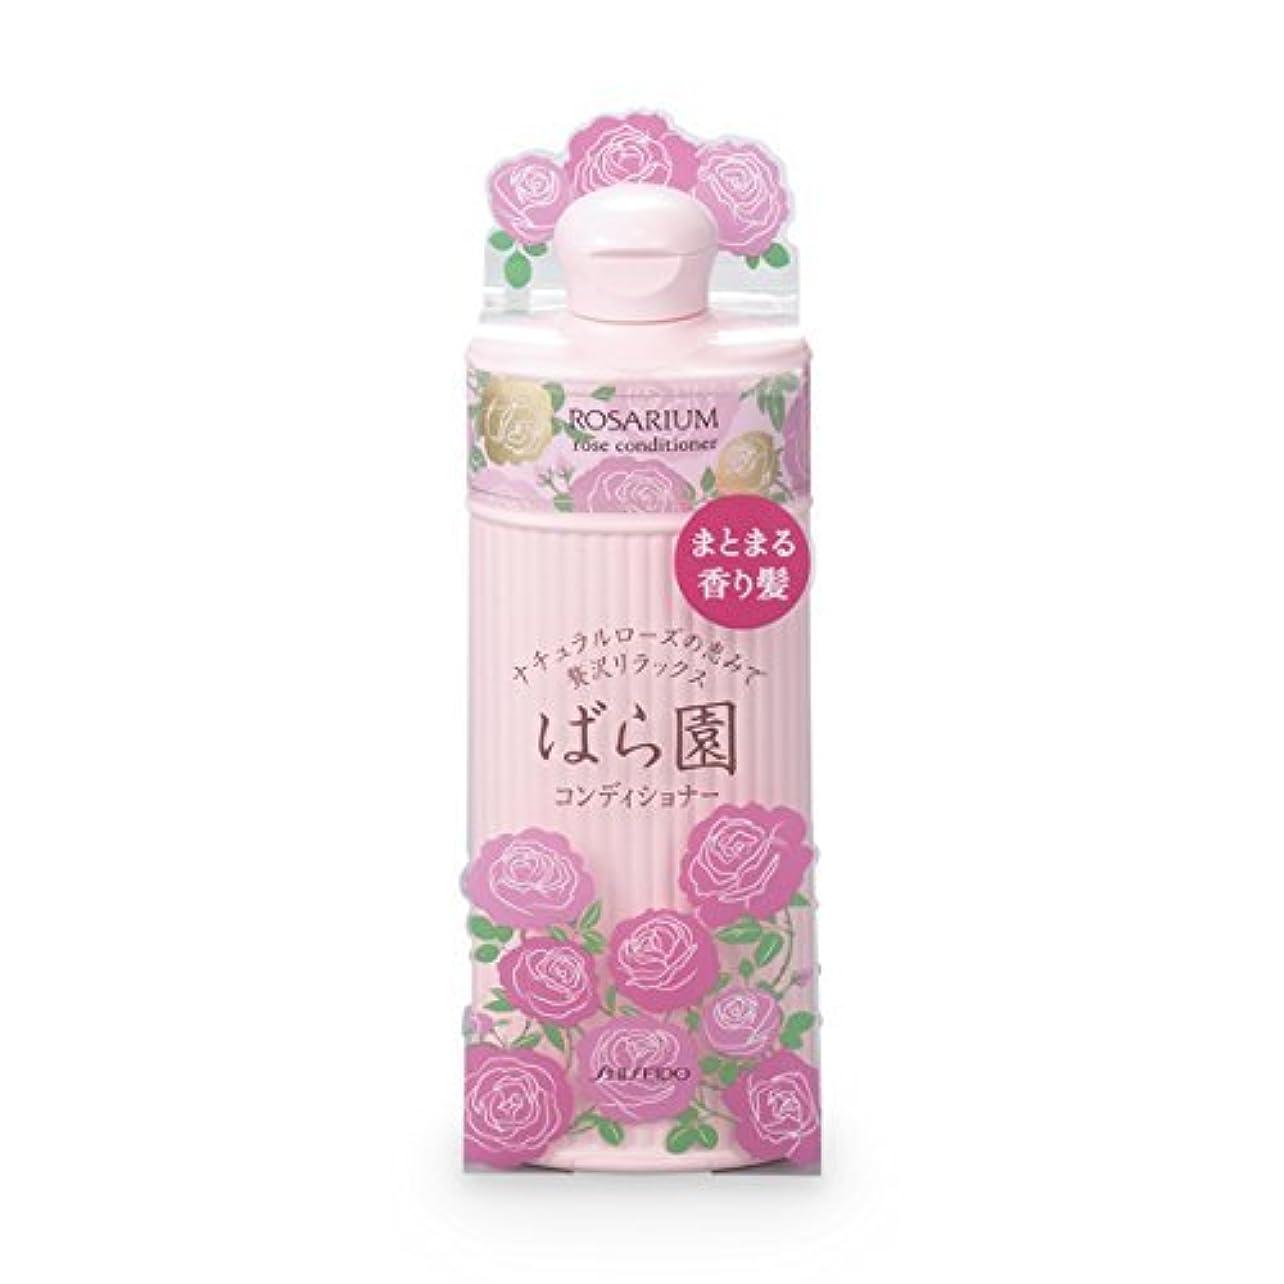 松シンプルさ香り資生堂 ばら園 ローズコンディショナーRX 300ml×2本セット